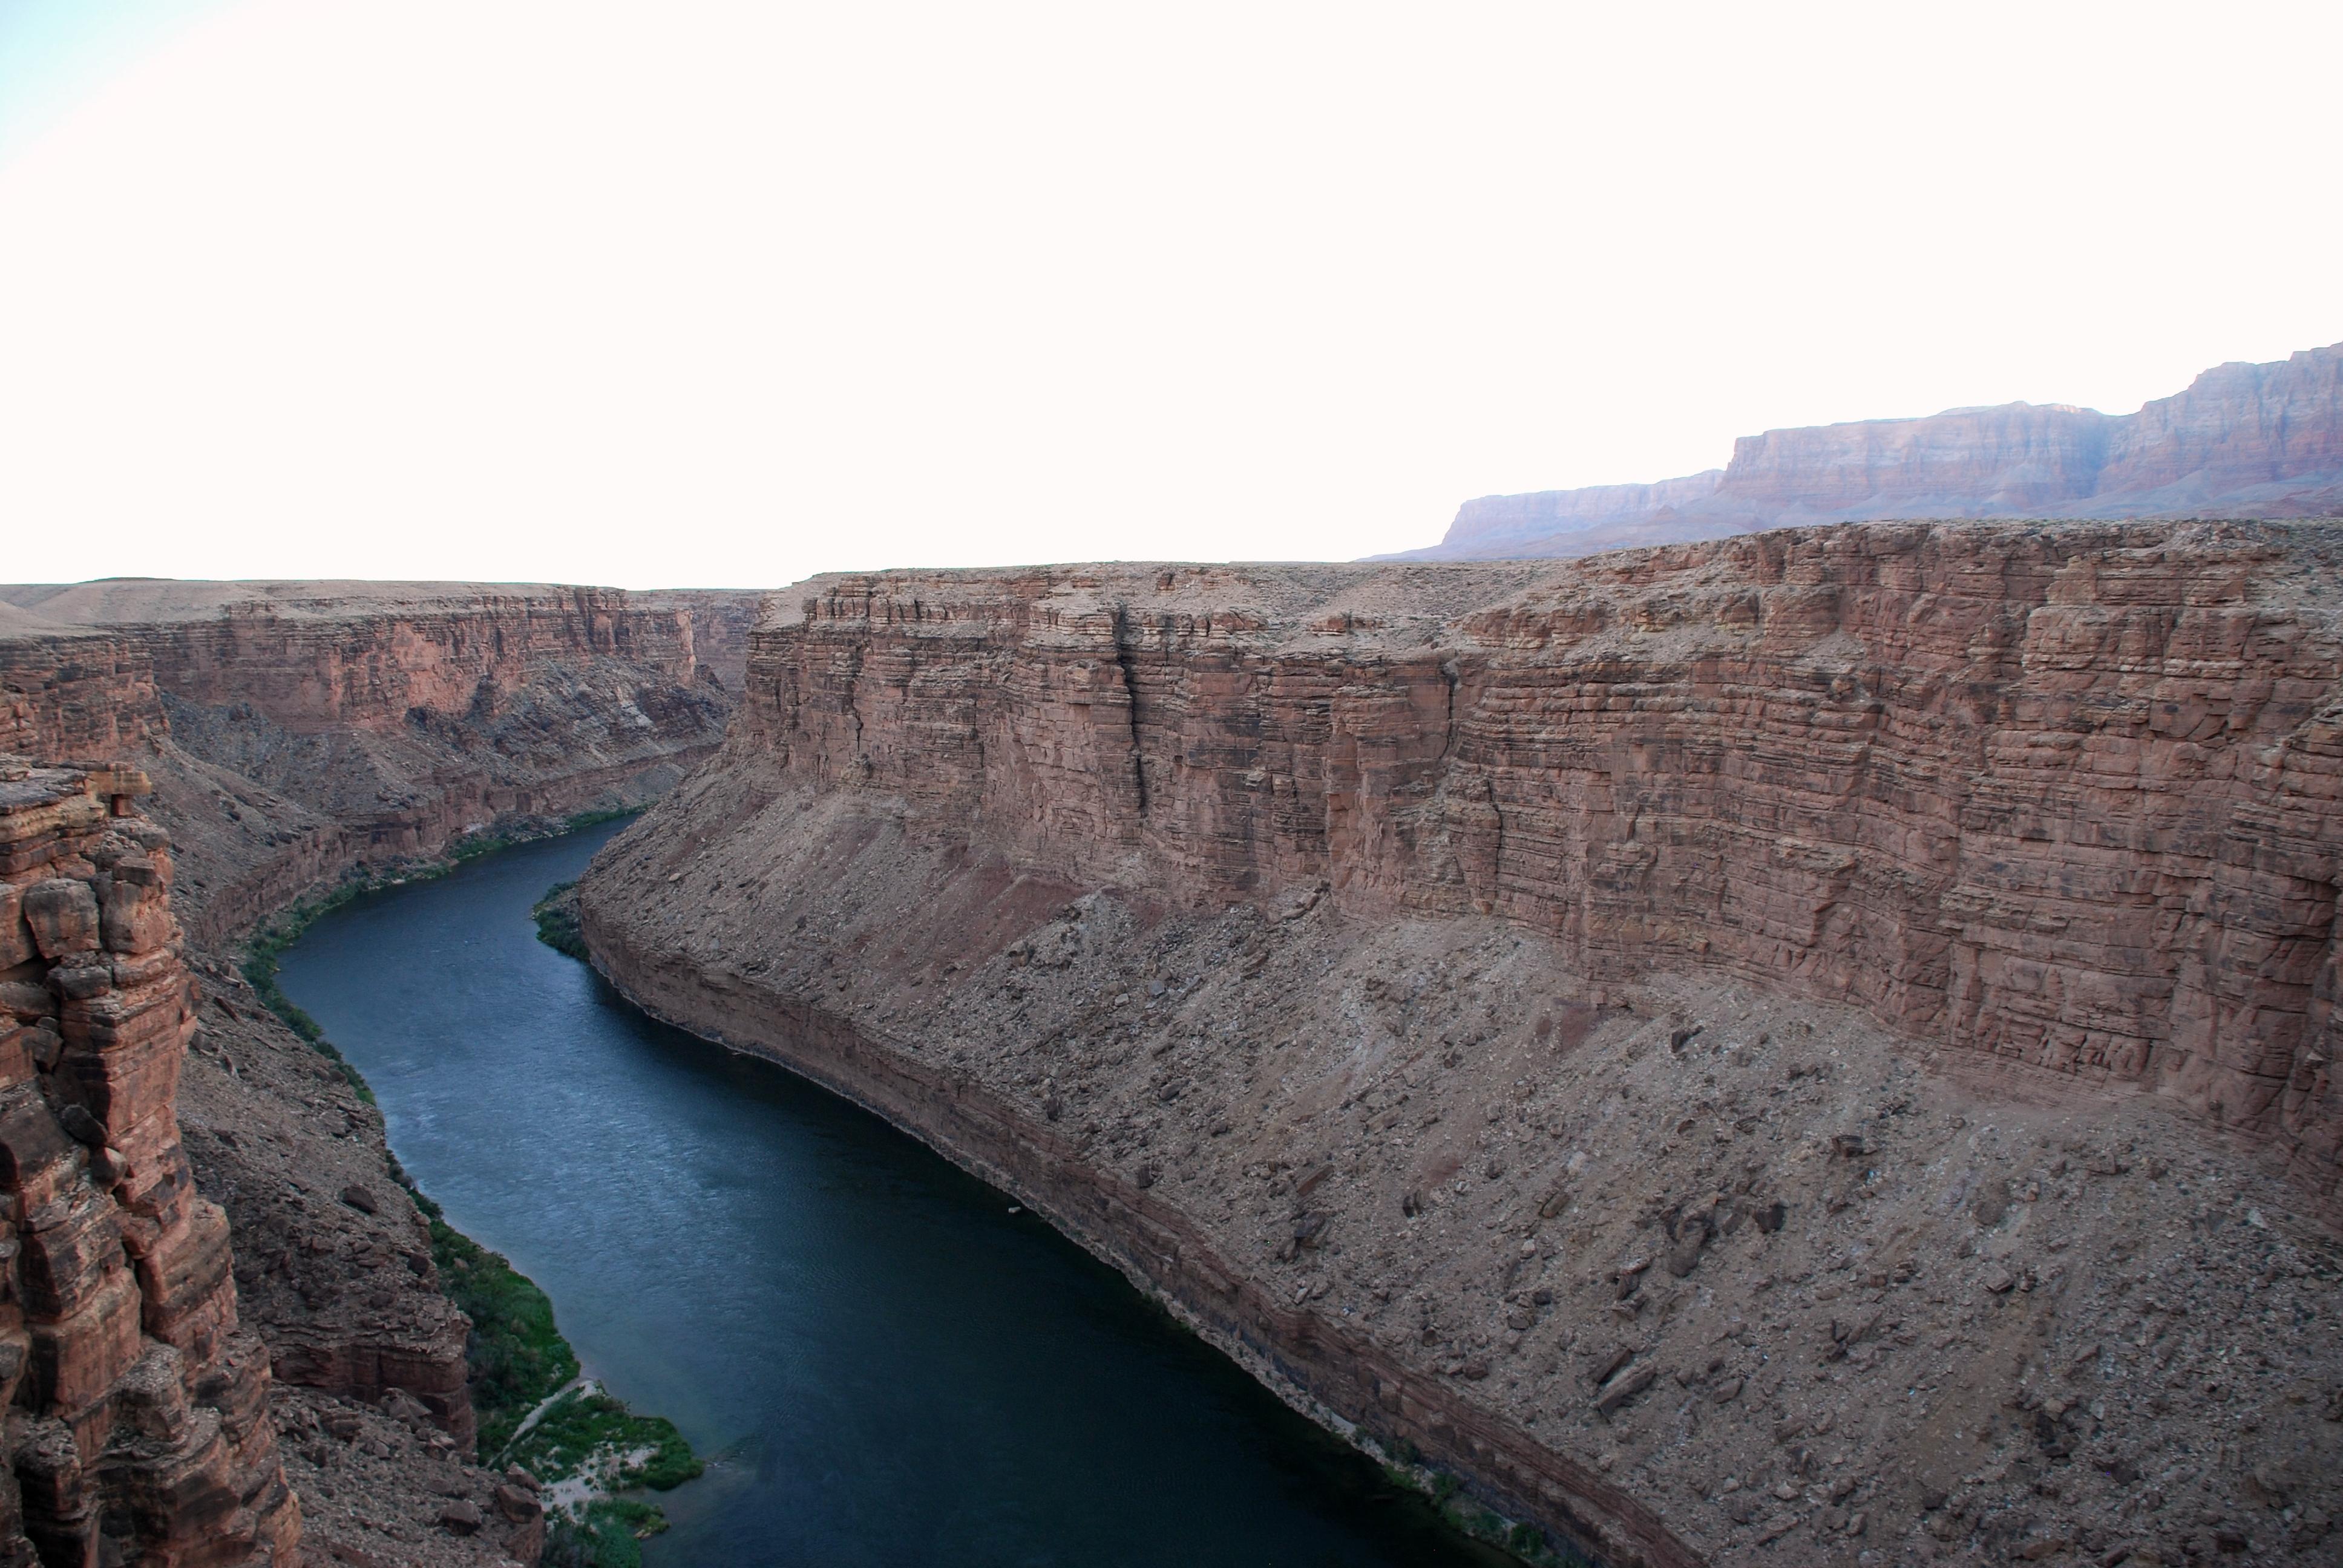 Cororado river